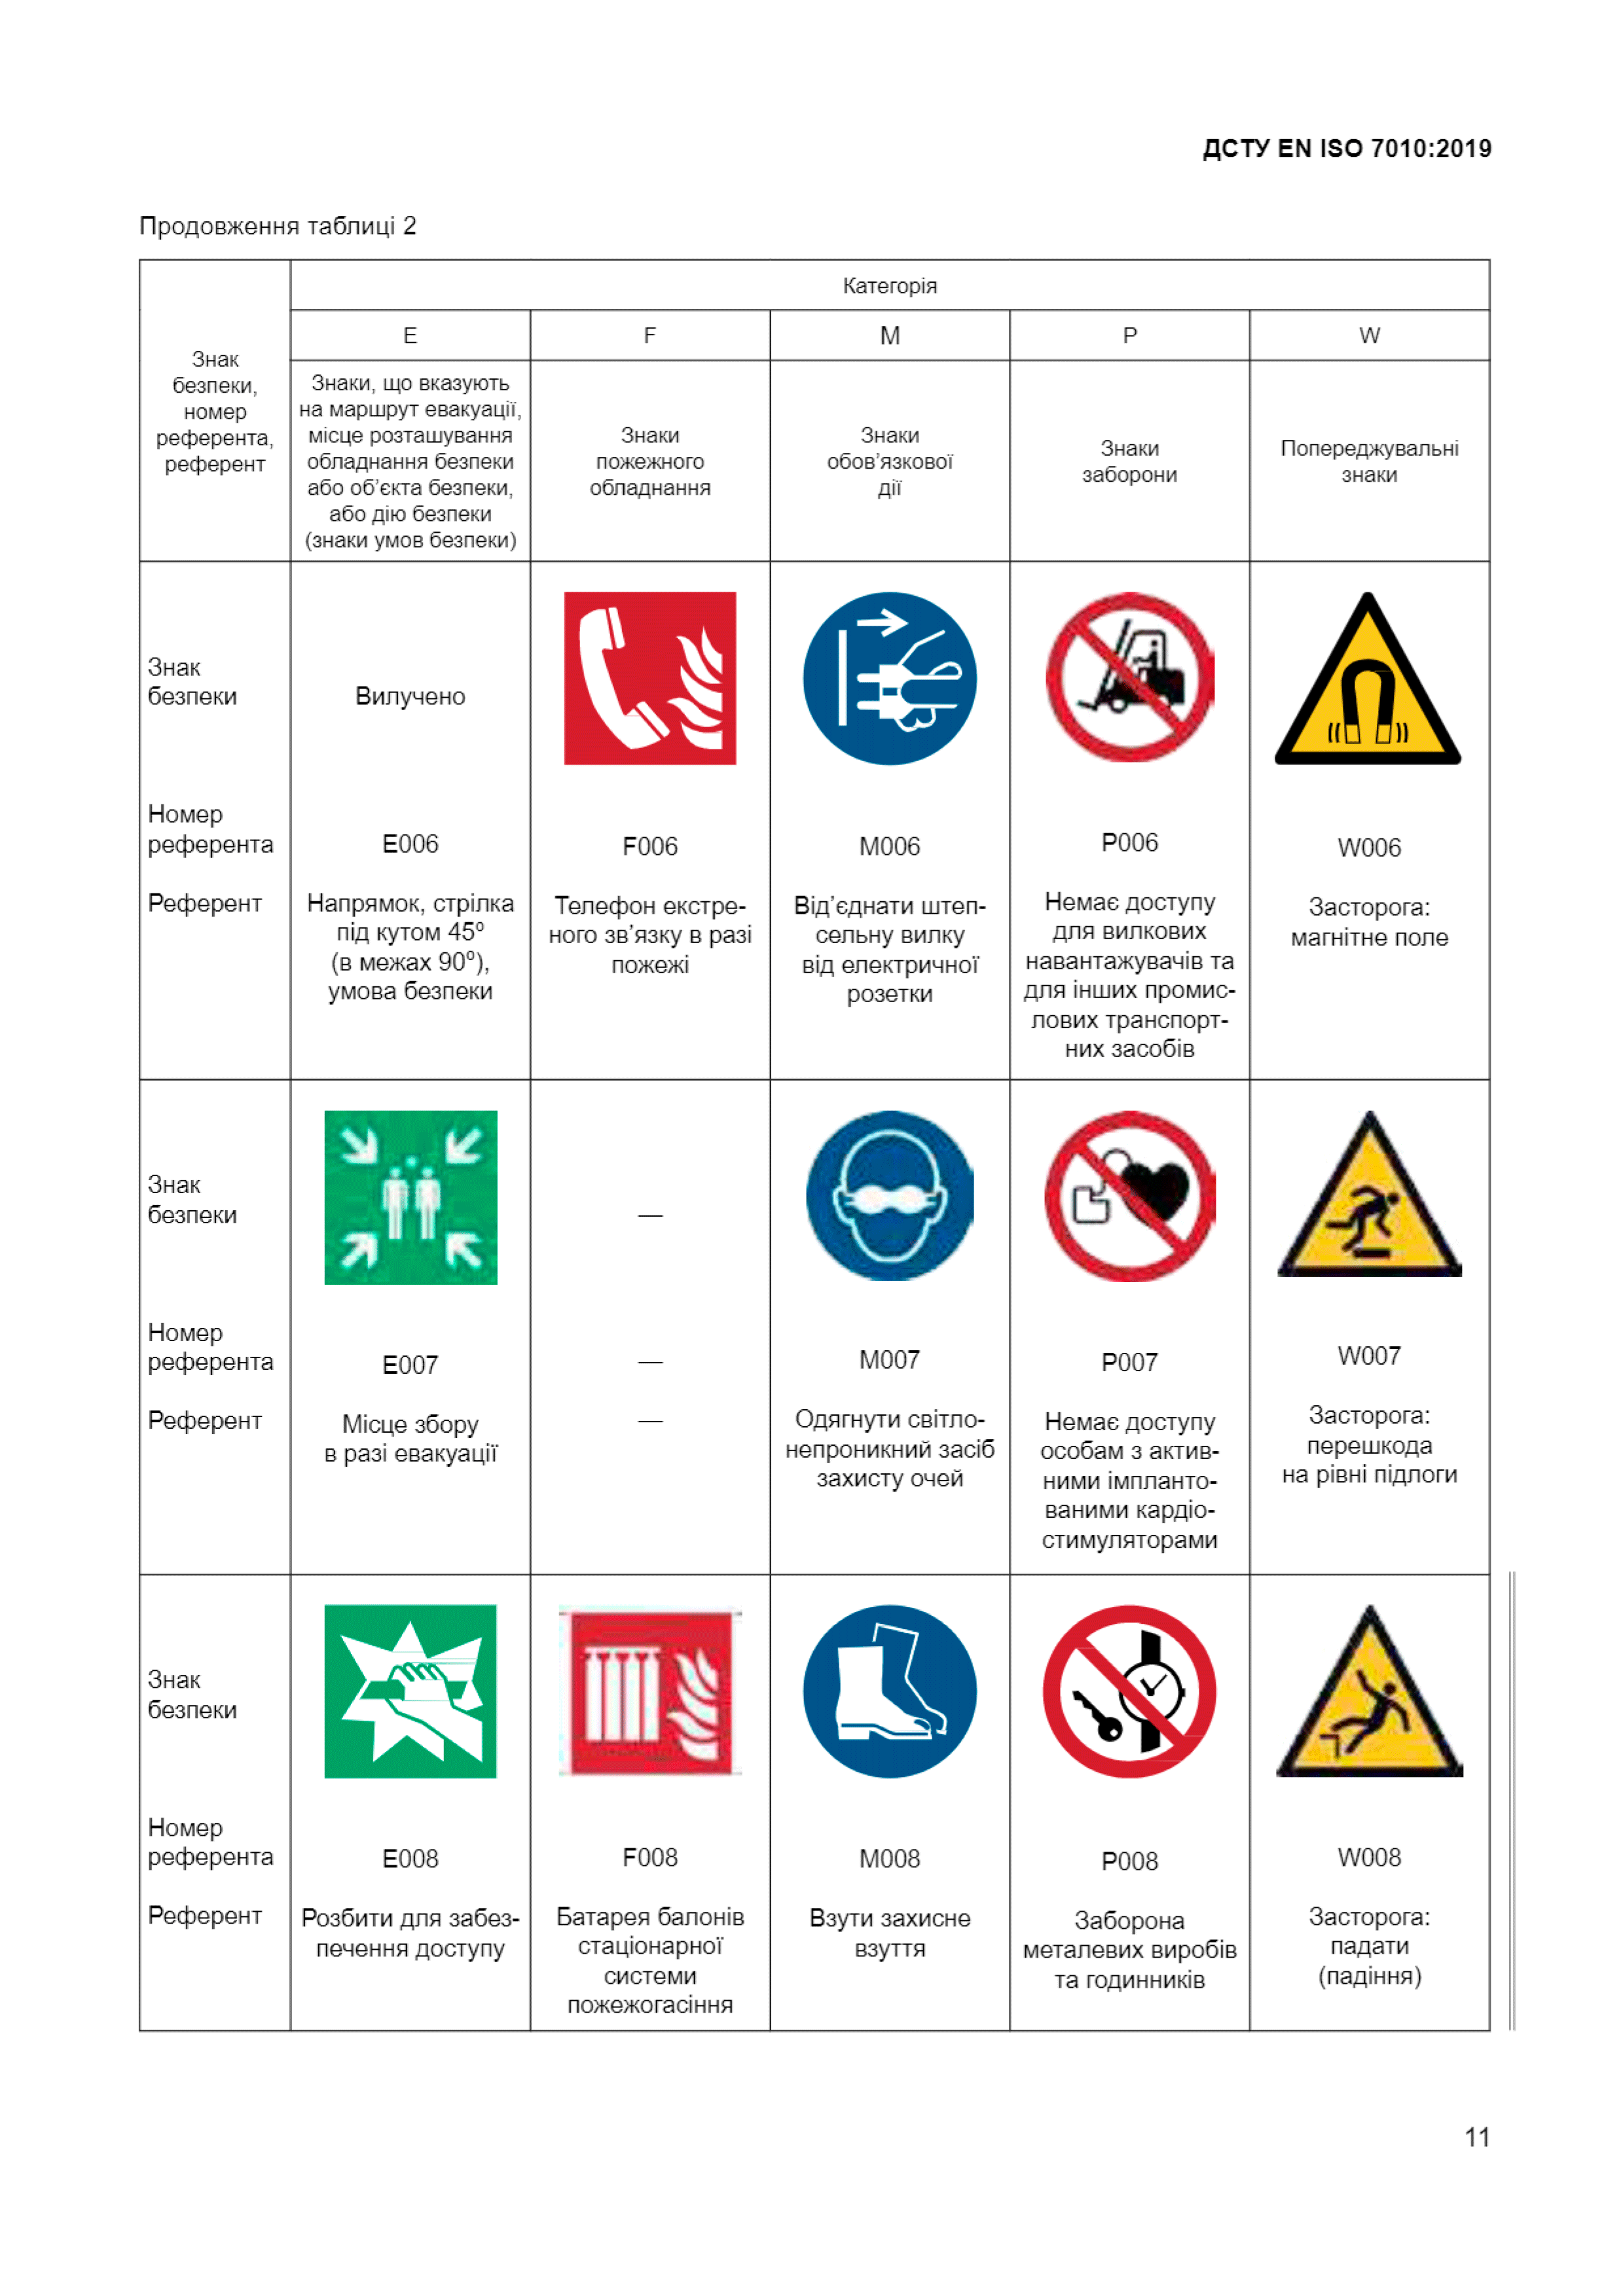 Звід-усіх-знакків-безпеки-3-ДСТУ-ЕN-ІSО-7010-2019-Техноспектр-Сервіс